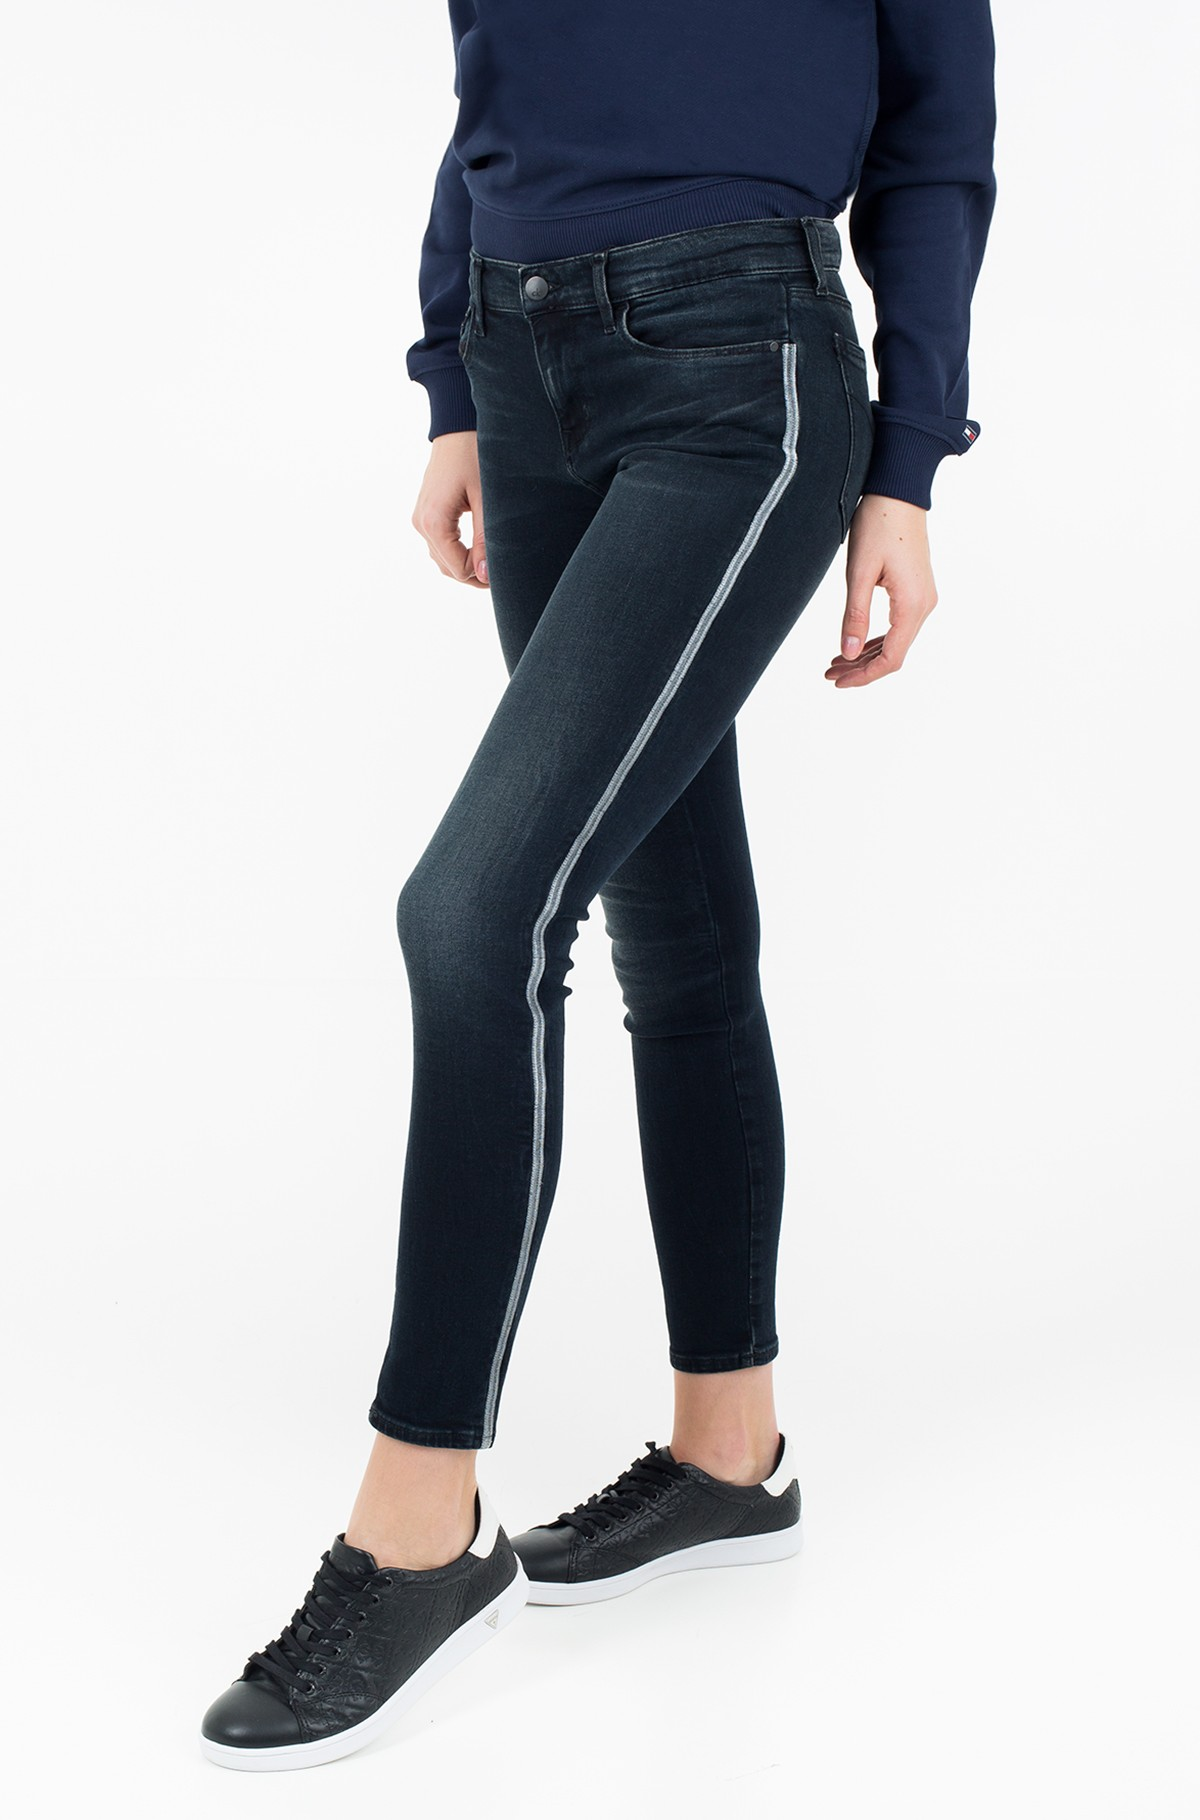 Džinsinės kelnės Mid Rise Skinny Ankle - Blackwater Embro-full-1